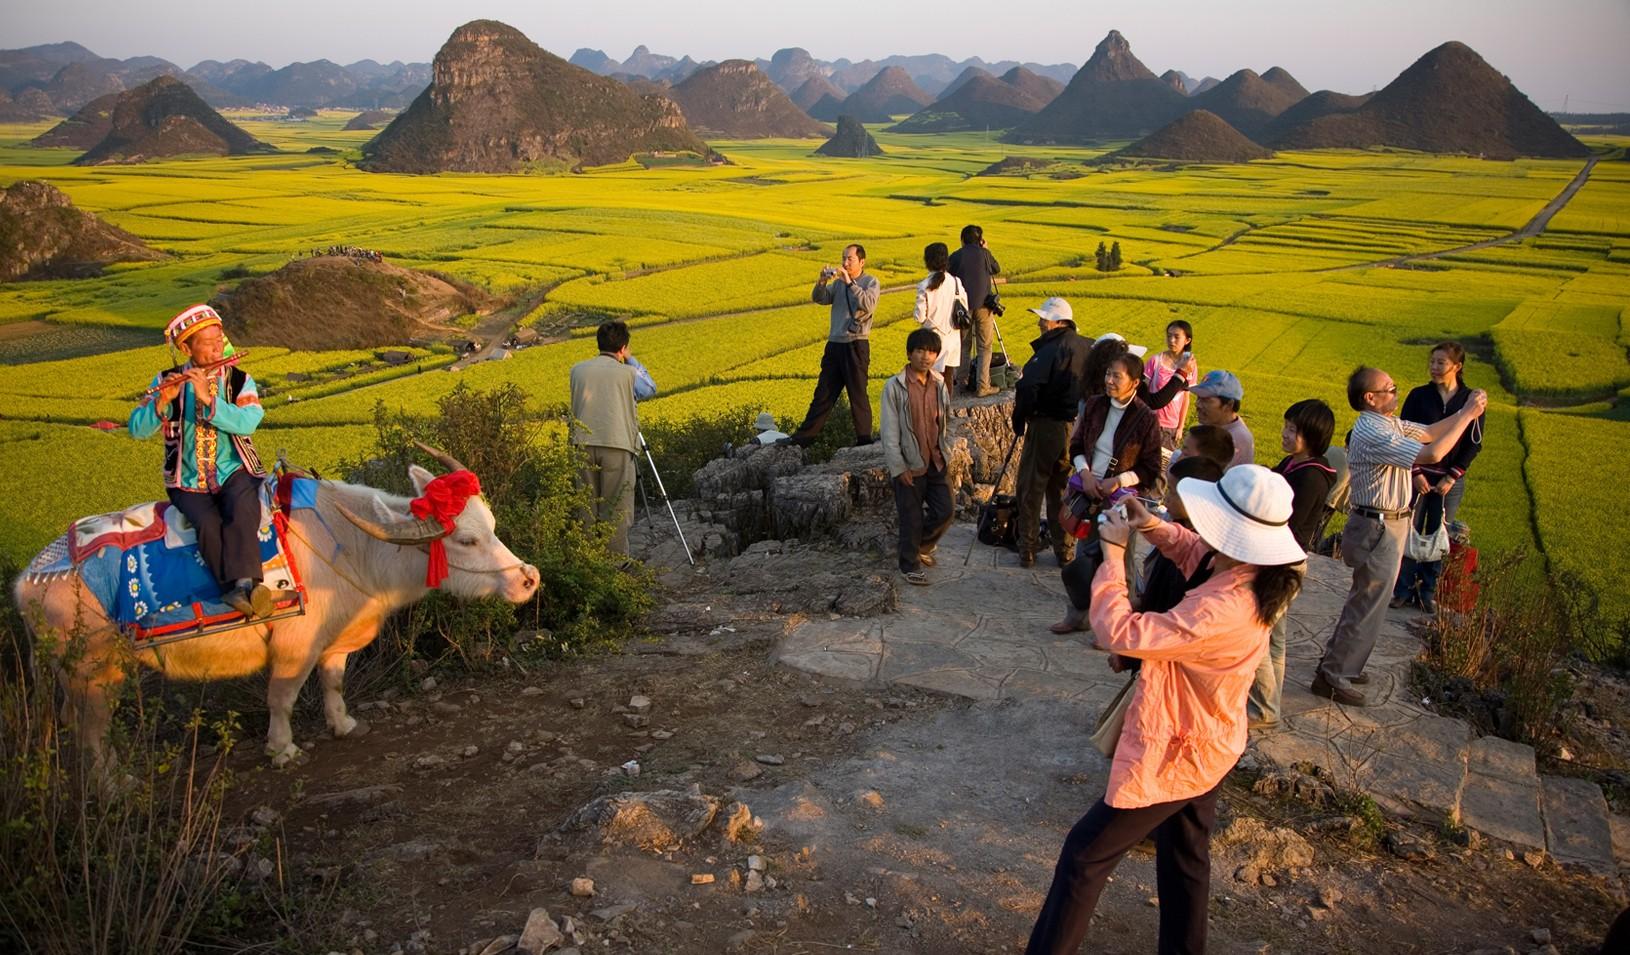 Размещен список самых доступных туристических направлений вмире